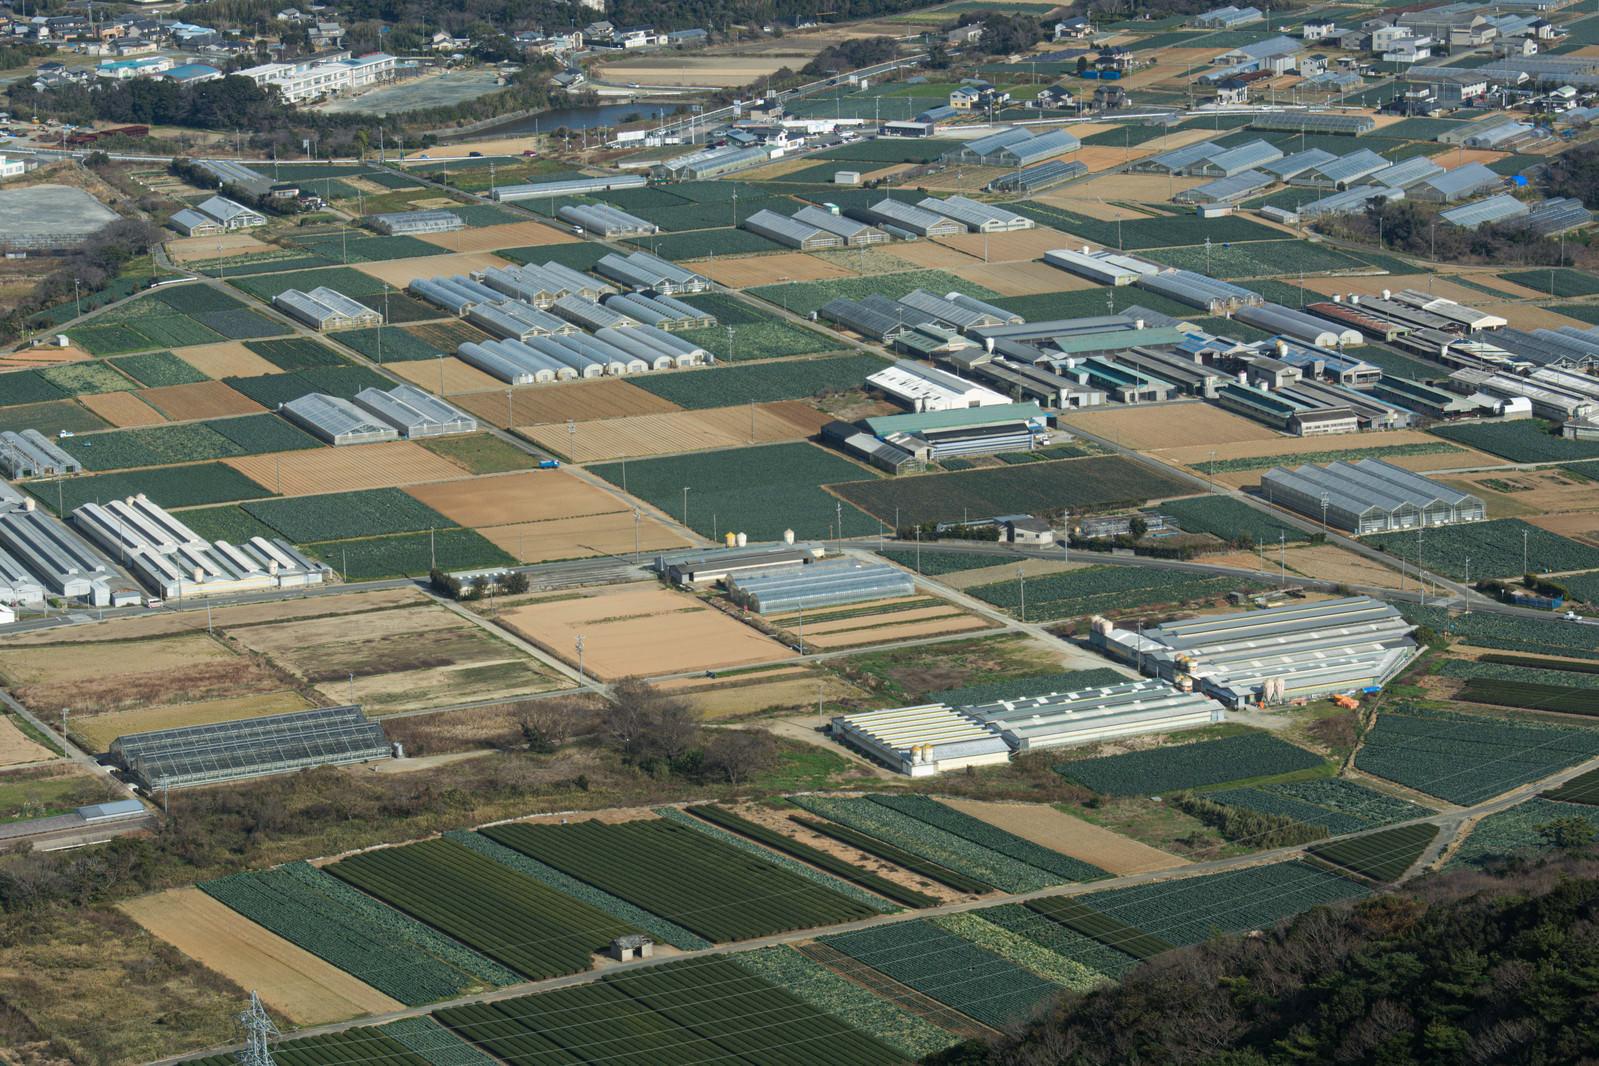 「俯瞰した田園風景とビニールハウス」の写真